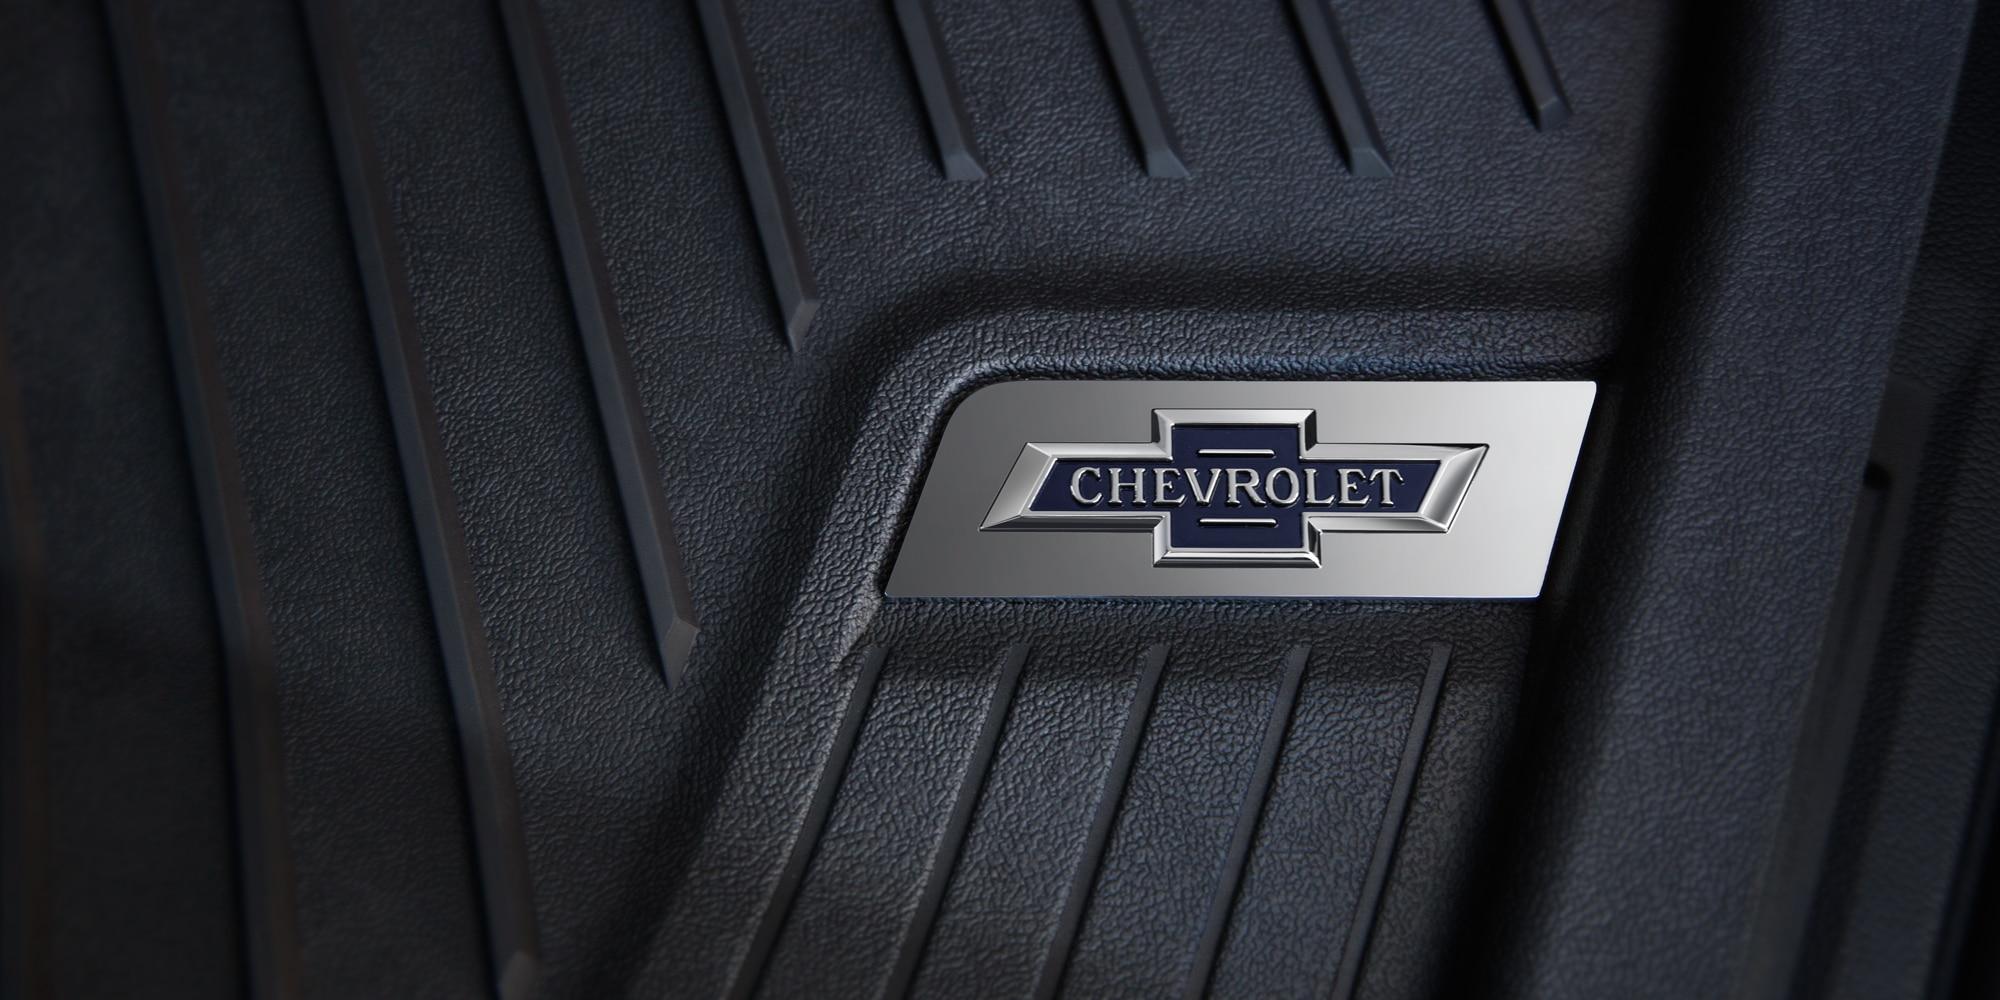 Camioneta Chevrolet edición especial Centennial: Alfombrillas Centennial